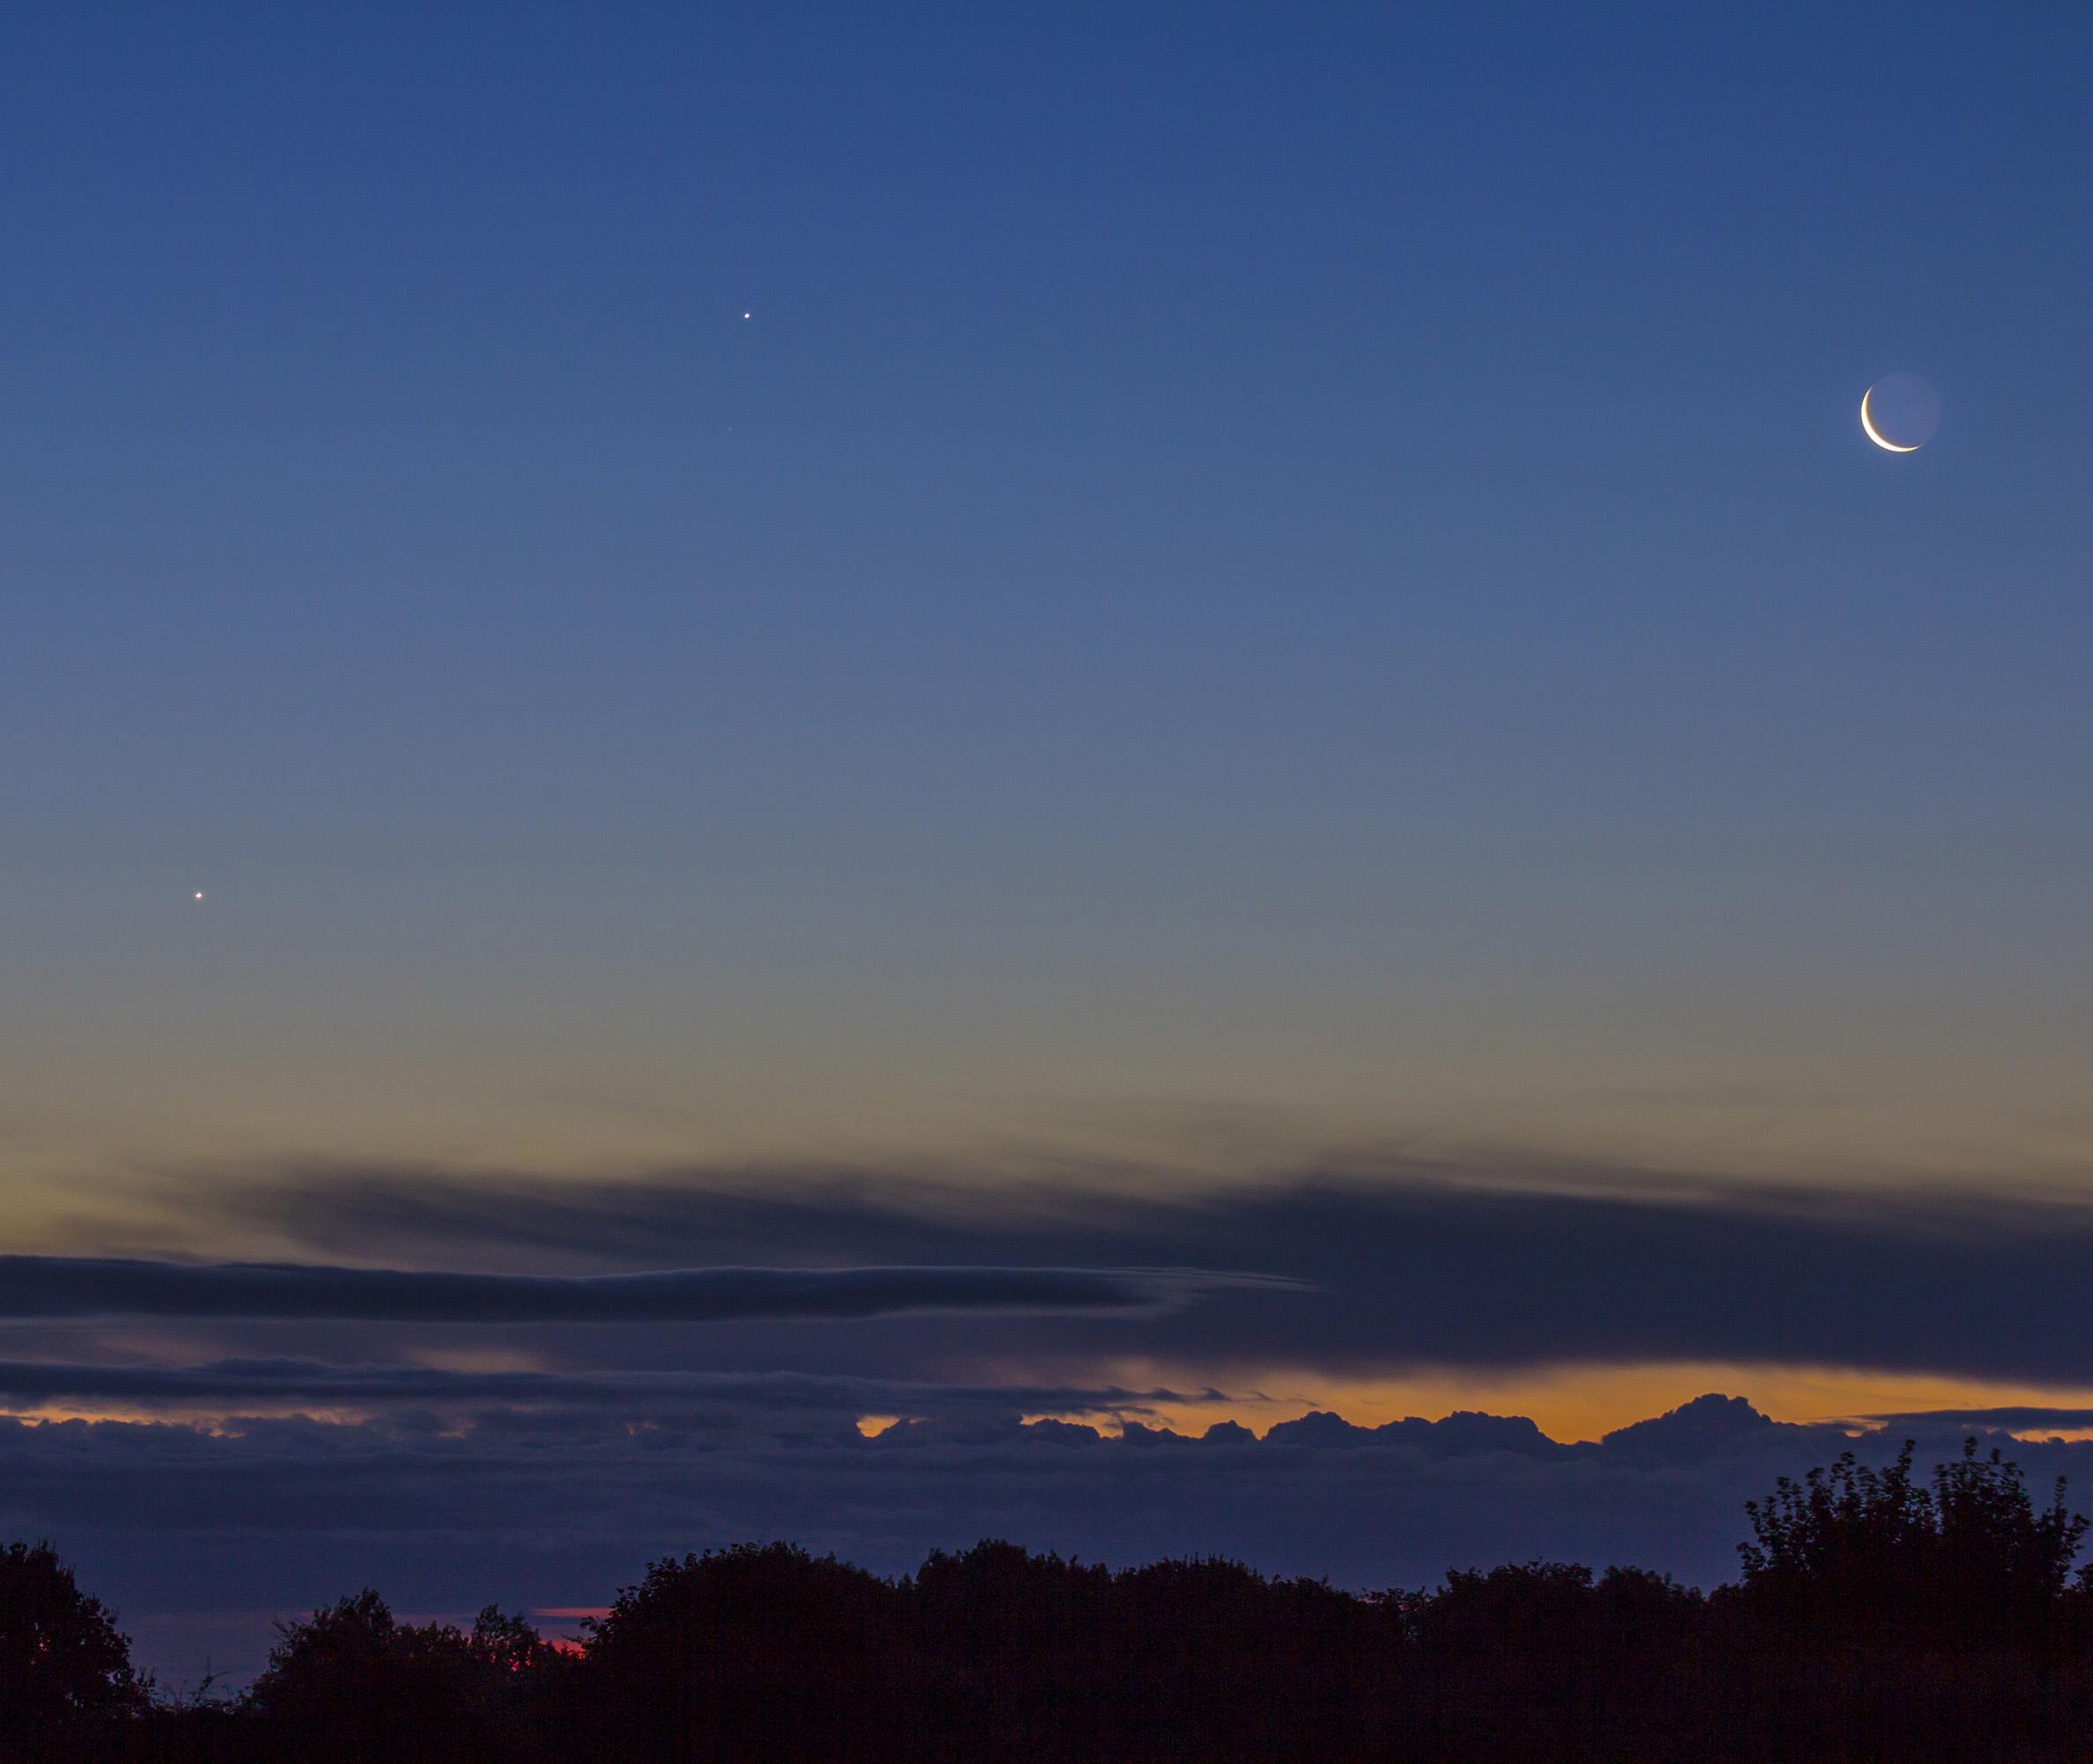 Moon Venus & Jupiter Conjunction over Yorkshire | Milners Blog